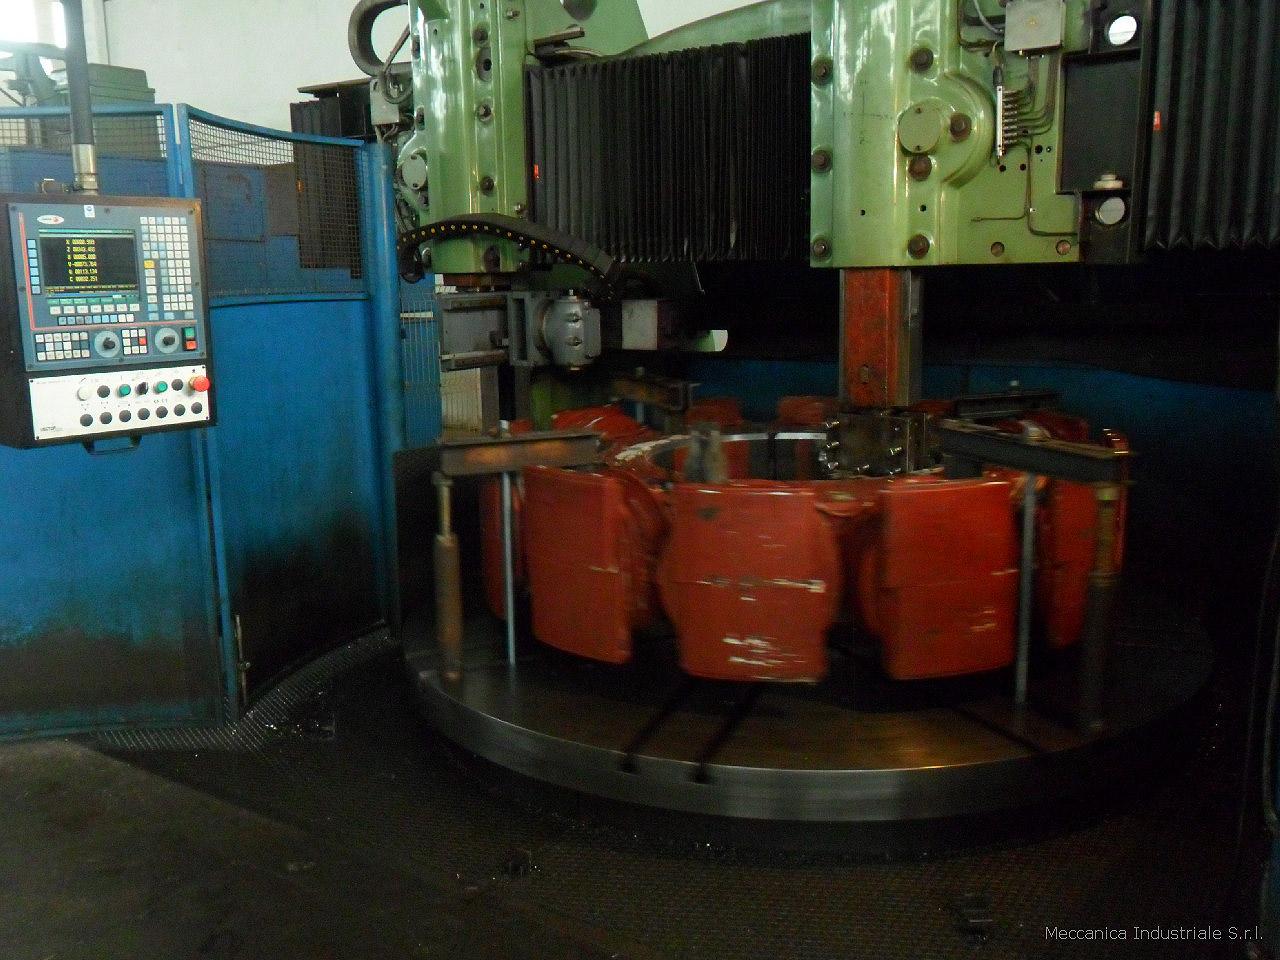 Tornio verticale CNC mod. SCHIESS retrofittato con CNC FAGOR 8050, diametro tornibile 3000 mm x 2000 mm, quinto asse controllato con testa per foratura / fresatura